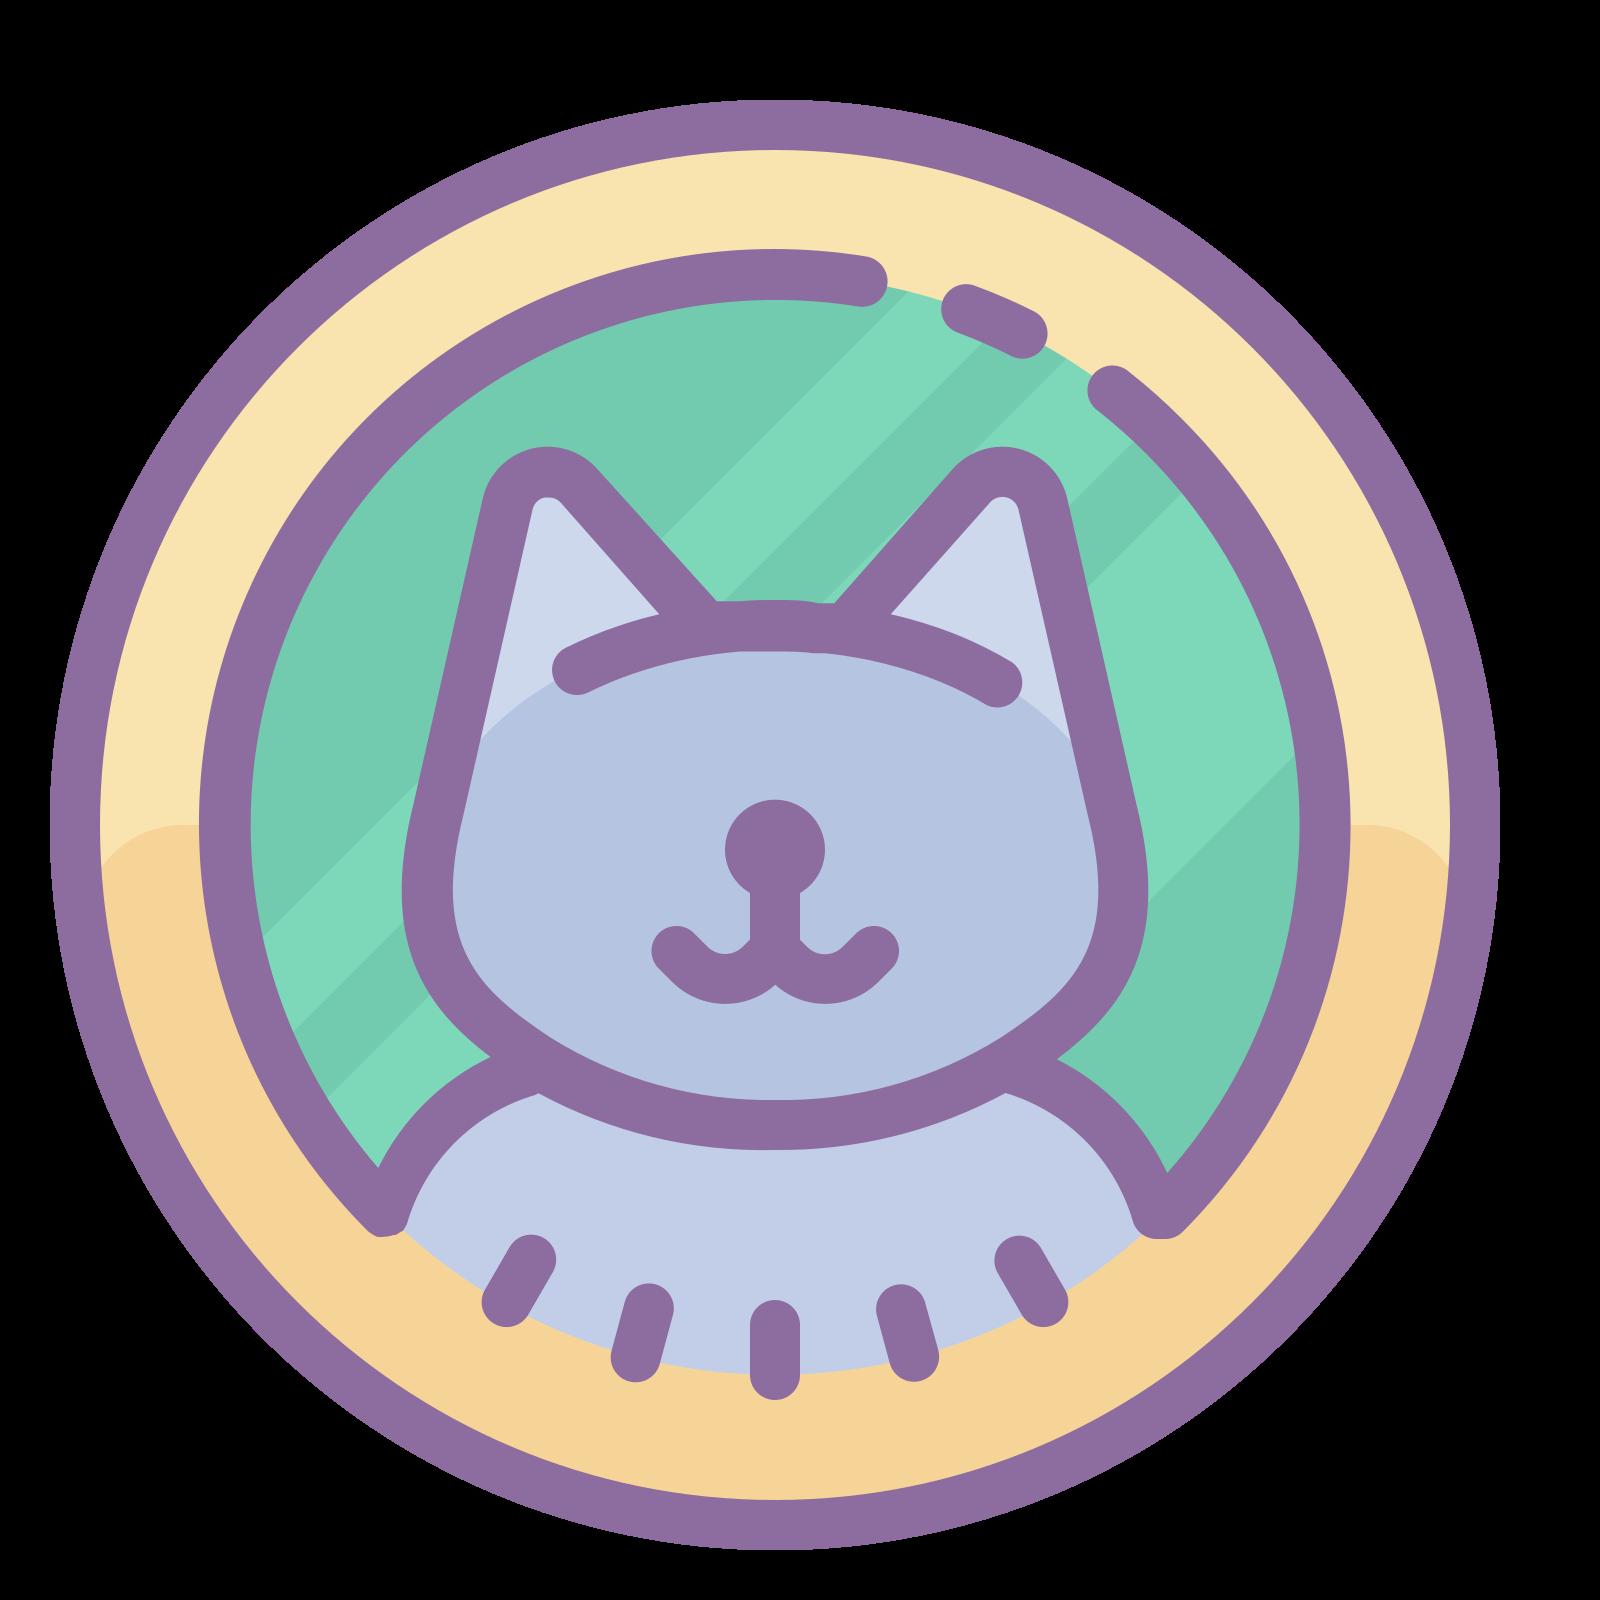 Profil kota icon